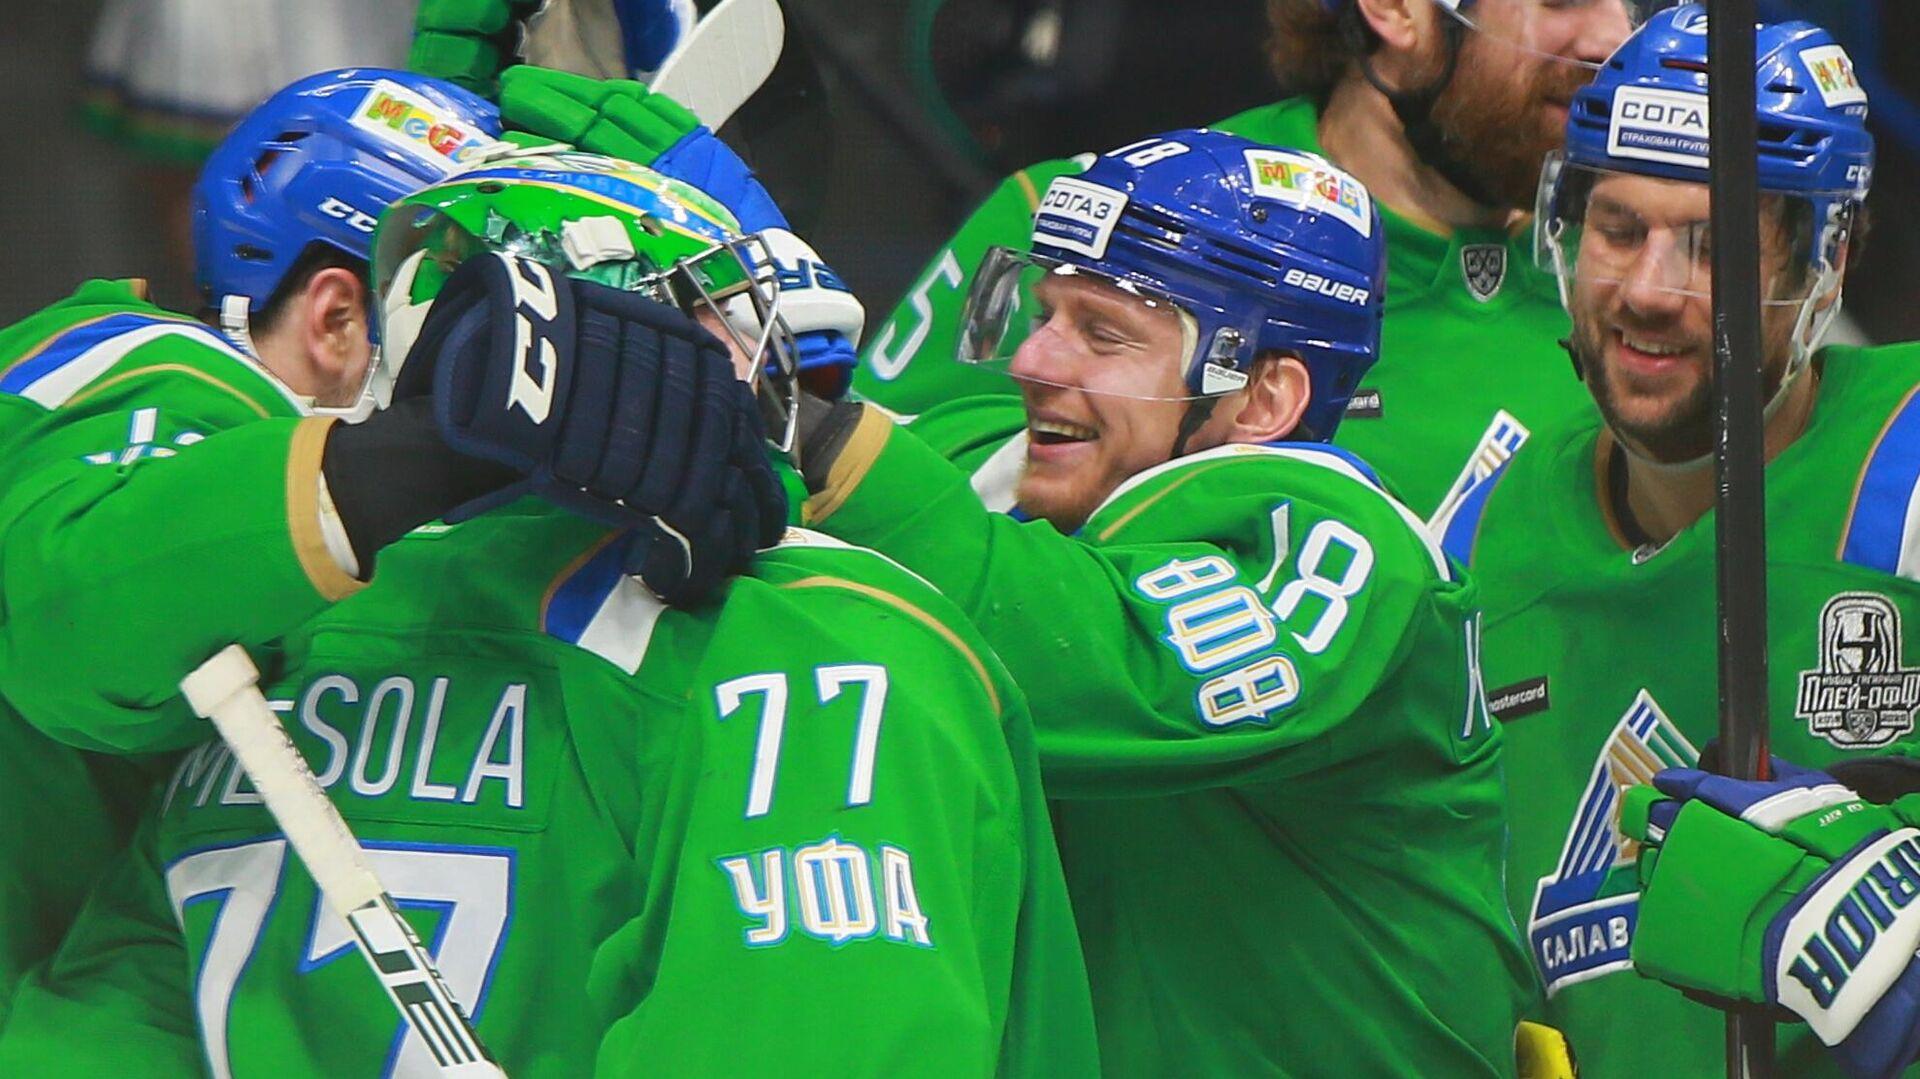 Хоккеисты Салавата Юлаев радуются победе - РИА Новости, 1920, 03.09.2020